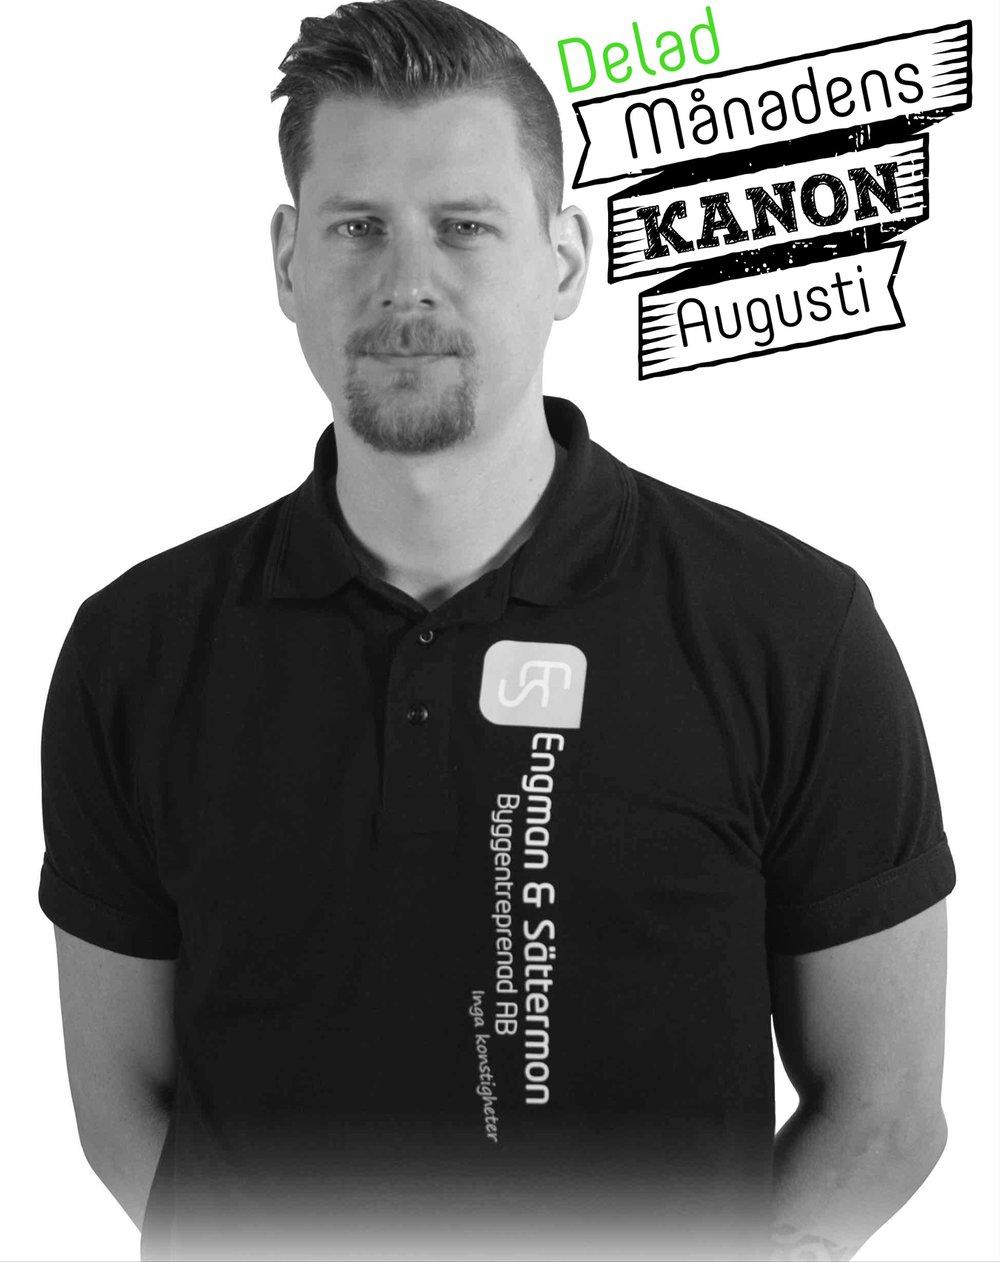 Engman & Sättermon Byggentreprenad AB Anton Kjernholm Snickare / Plattsättare / Projektledare